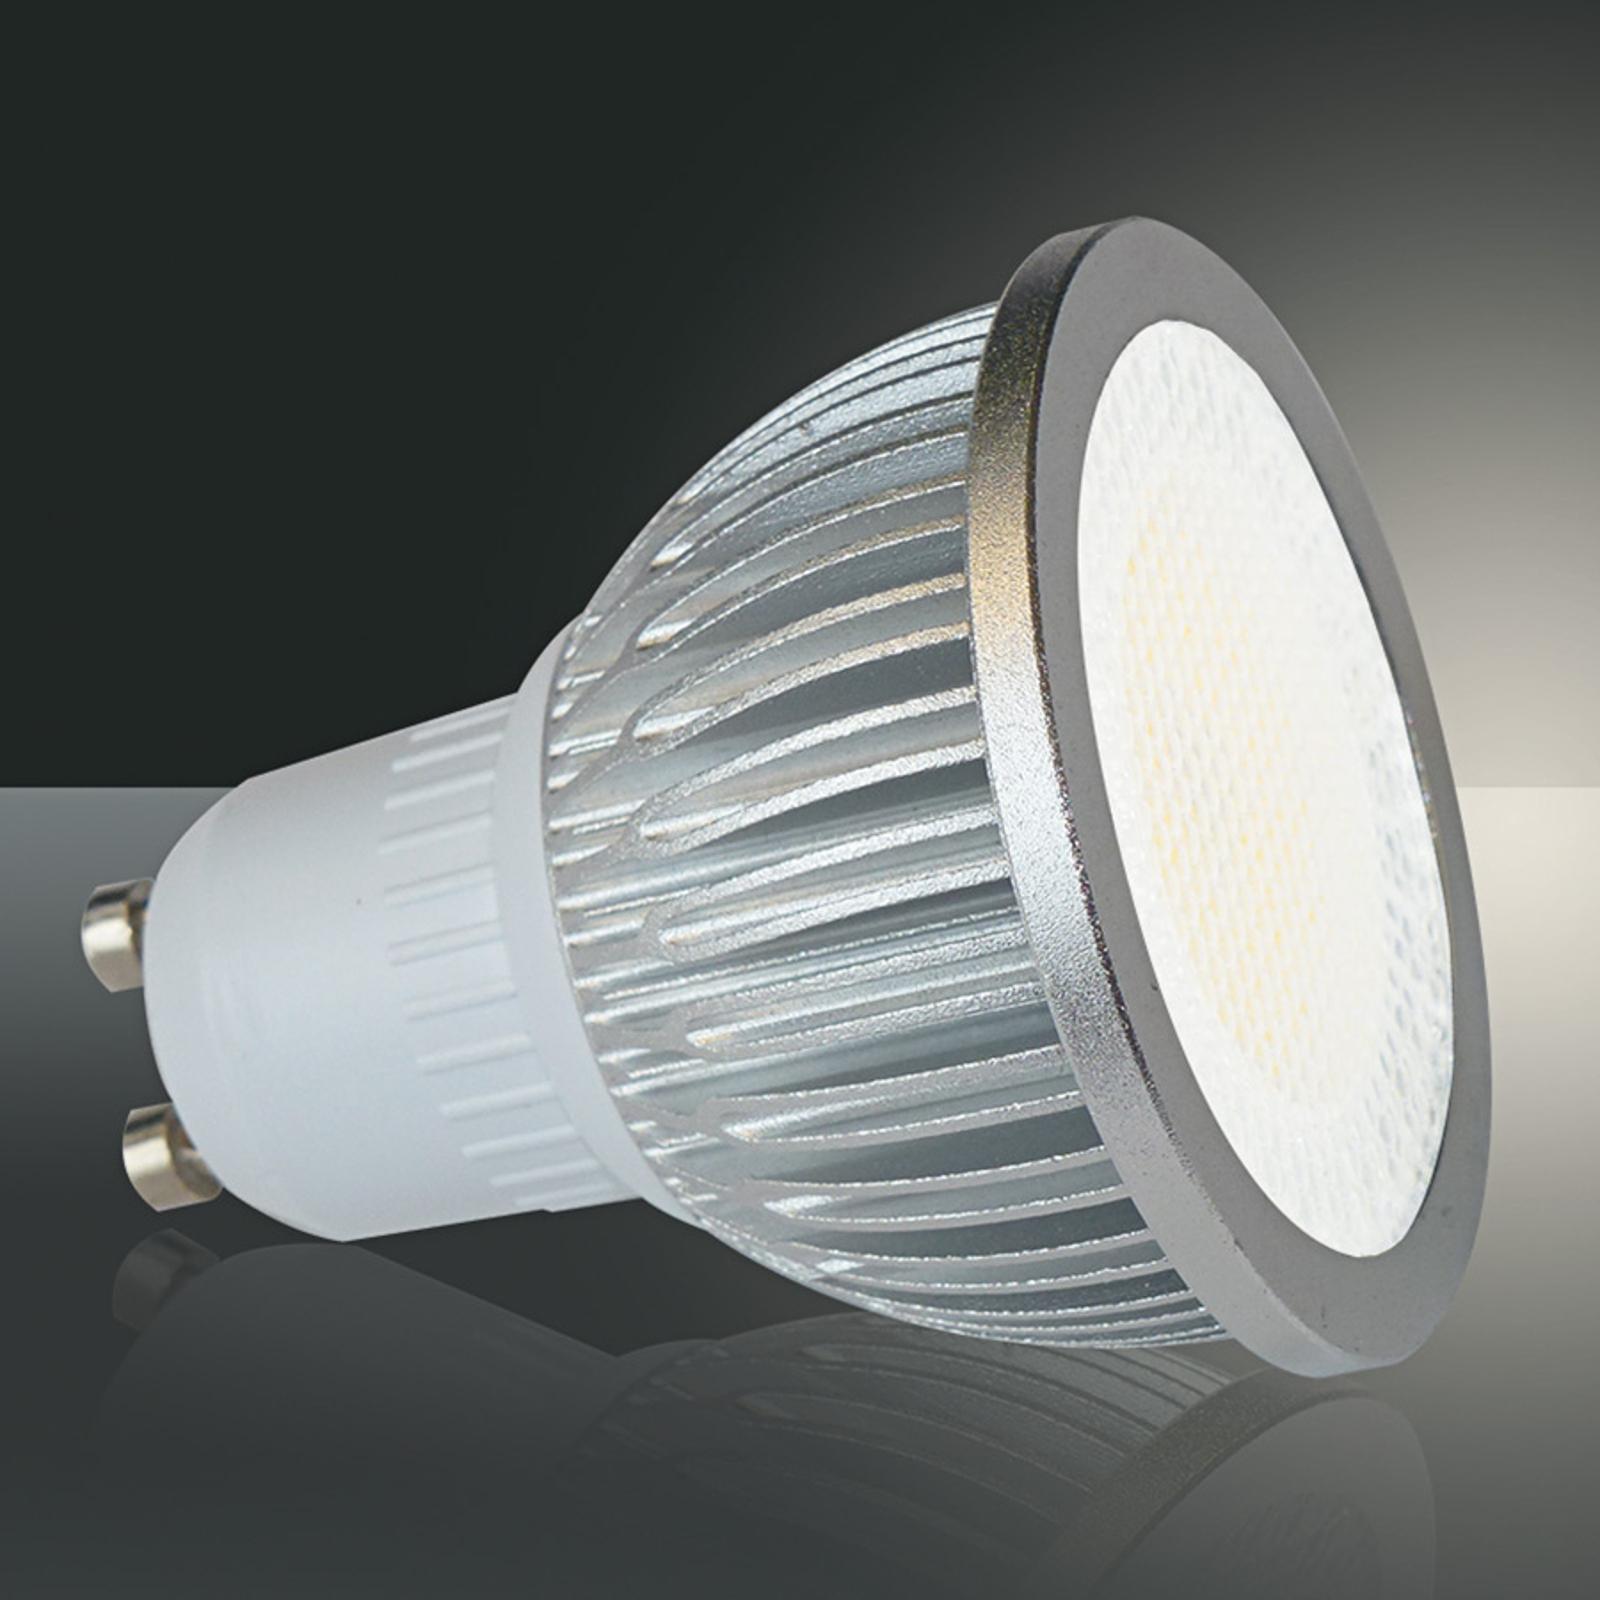 GU10 5W 829 high voltage LED bulb reflector, 90°_9950358_1